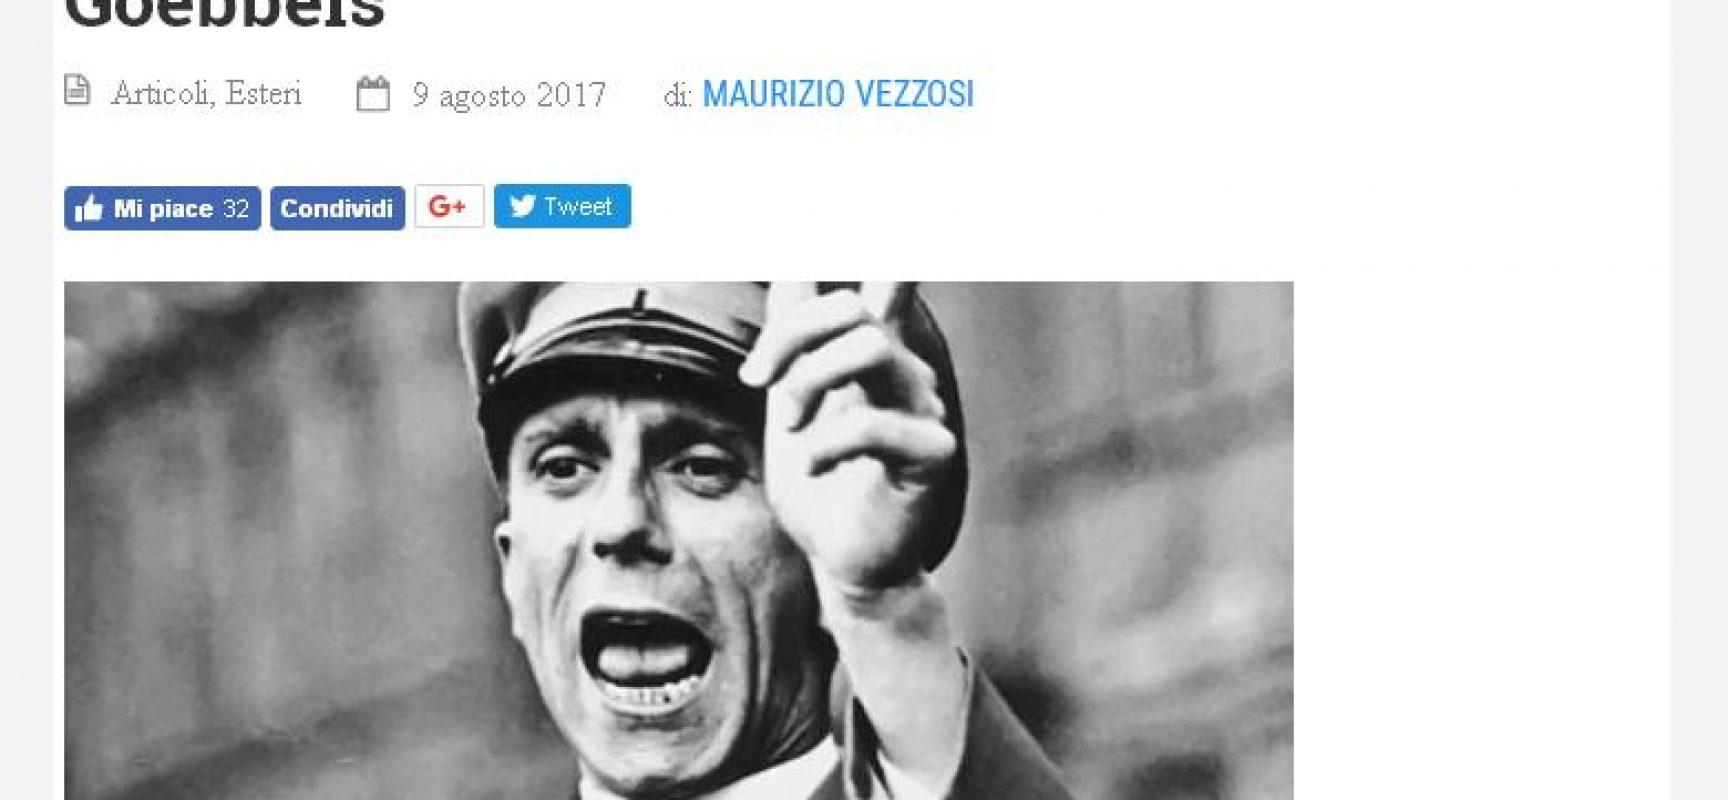 Fake : l'Ucraina secondo Maurizio Vezzosi collaboratore di Limes